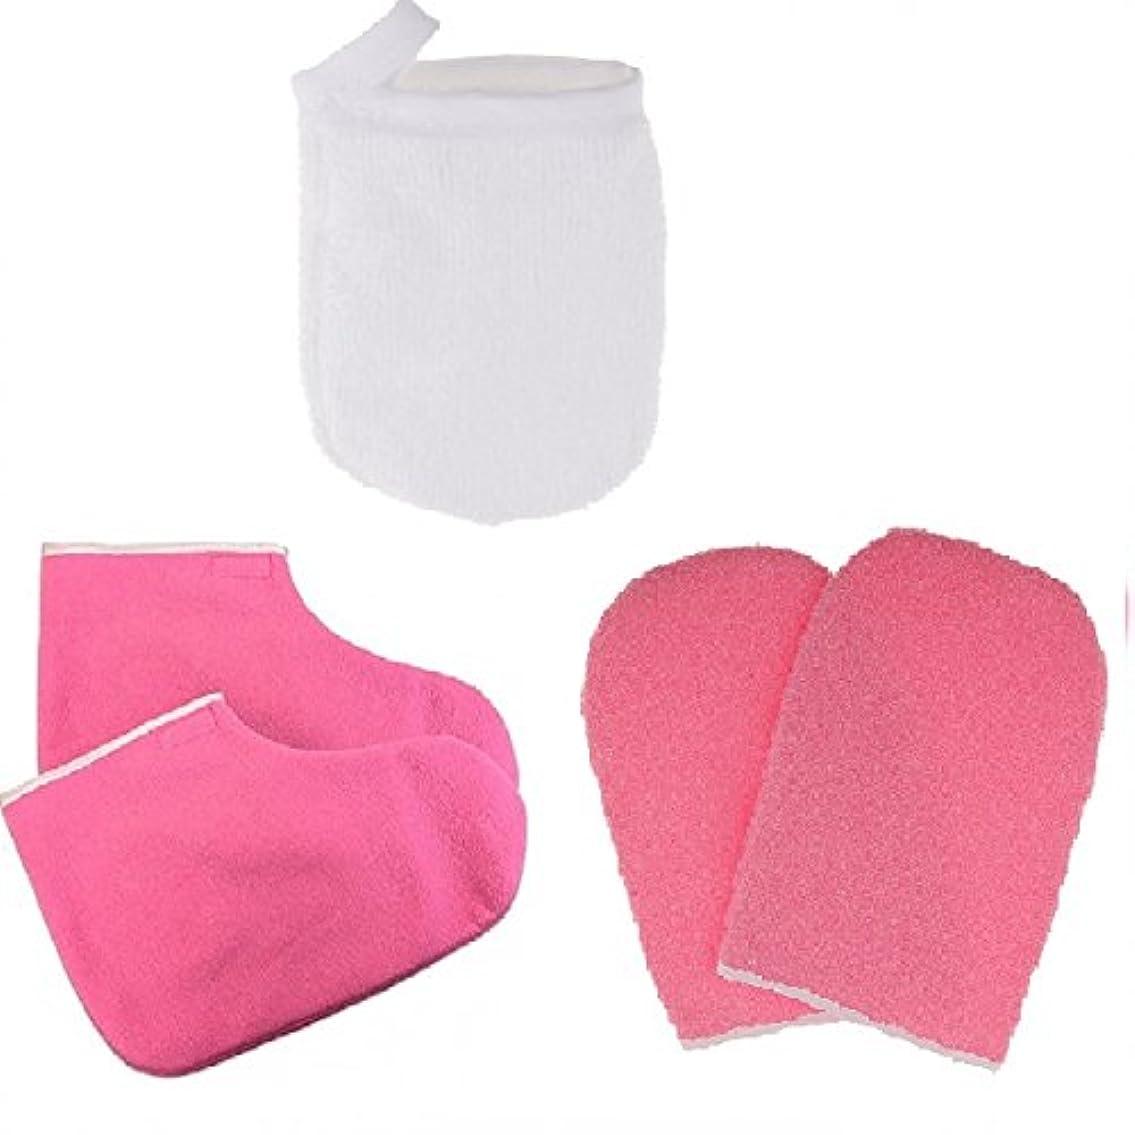 リース誠実さ刈り取るHomyl グローブ 手袋 パラフィンワックス保護手袋 メイクリムーバー パラフィンワックス手袋 サロン 自宅用